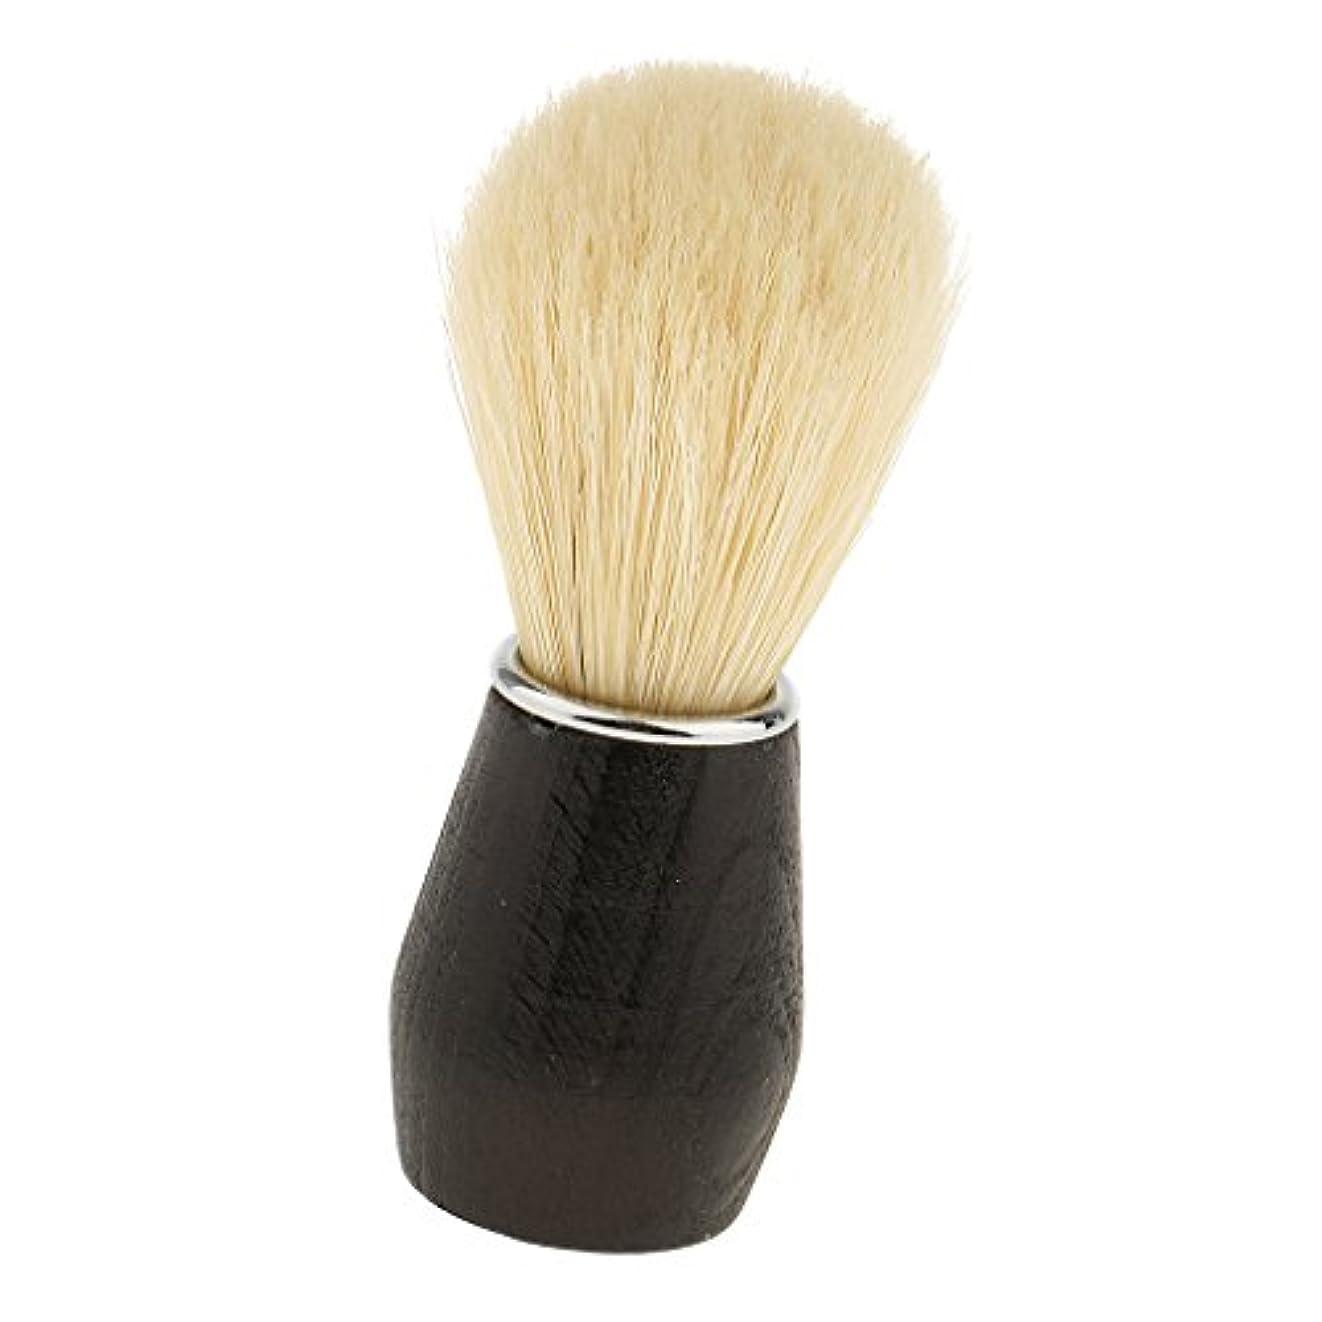 アクセス技術ペンdailymall ひげ剃りブラシ シェービングブラシ メンズ 髭剃り プロフェッショナル ひげ剃り 美容ツール